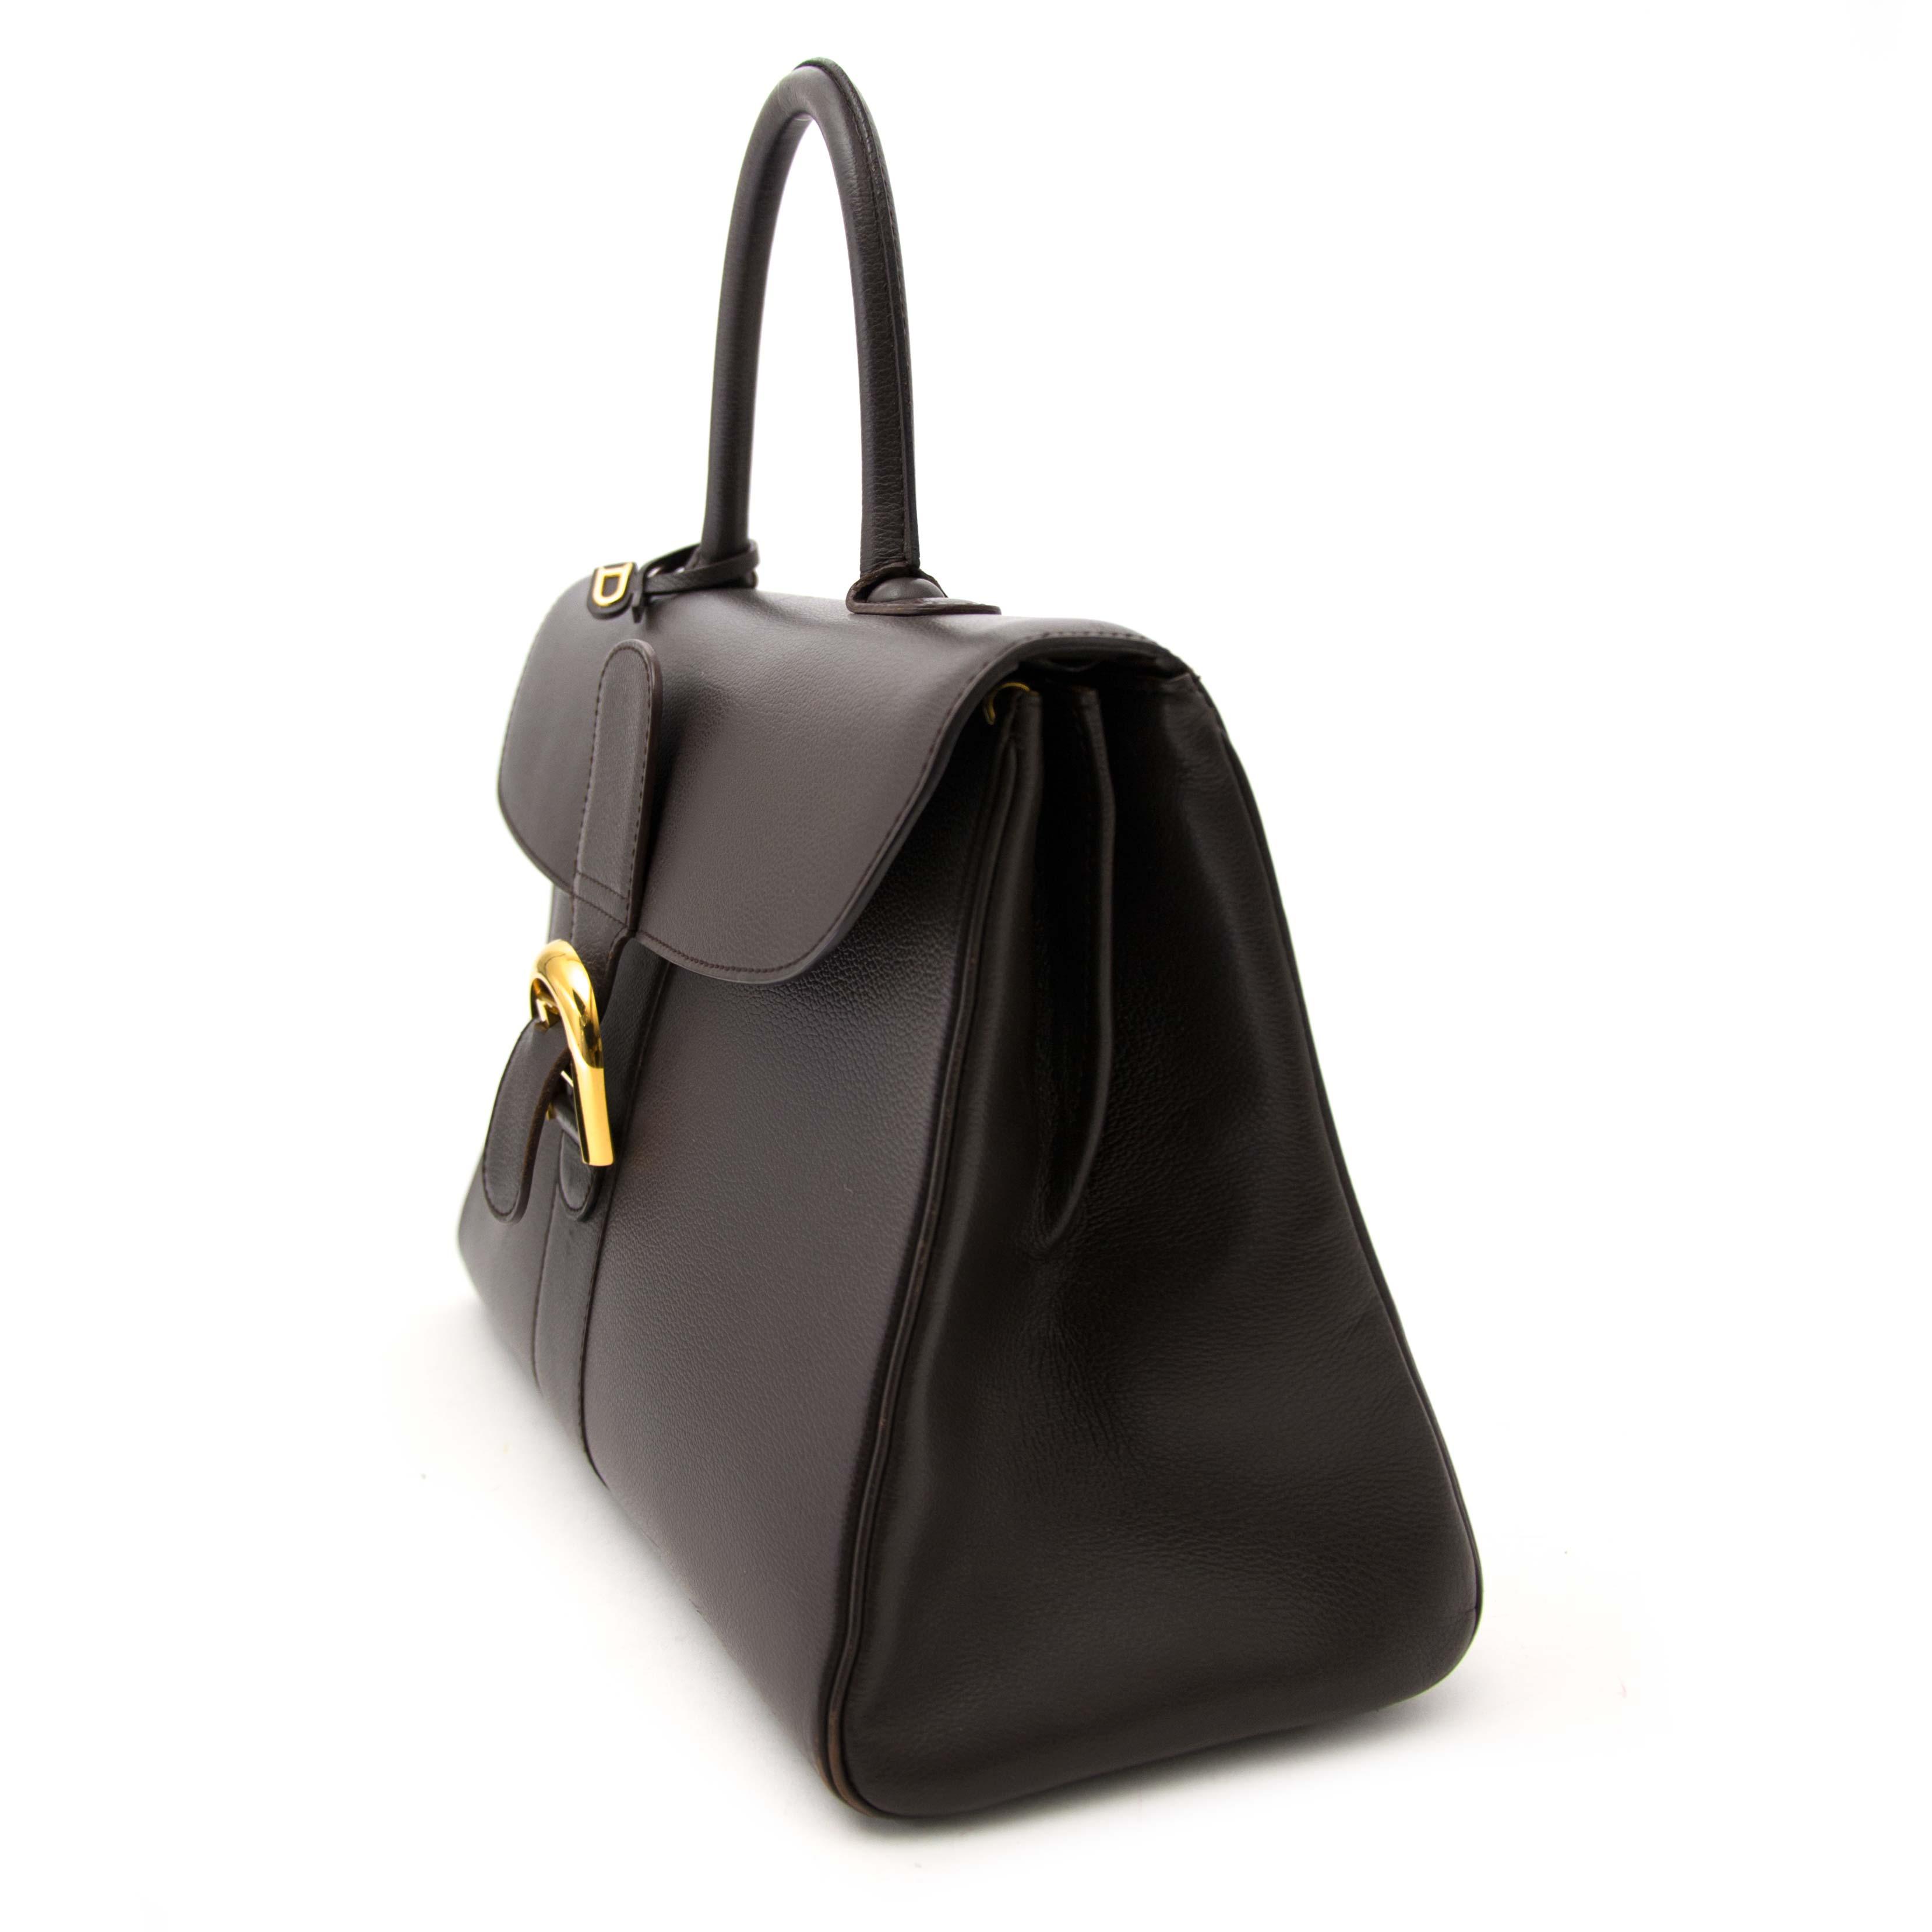 koop uw delvaux brillant gm nu online bij labellov.com tegen de beste prijs